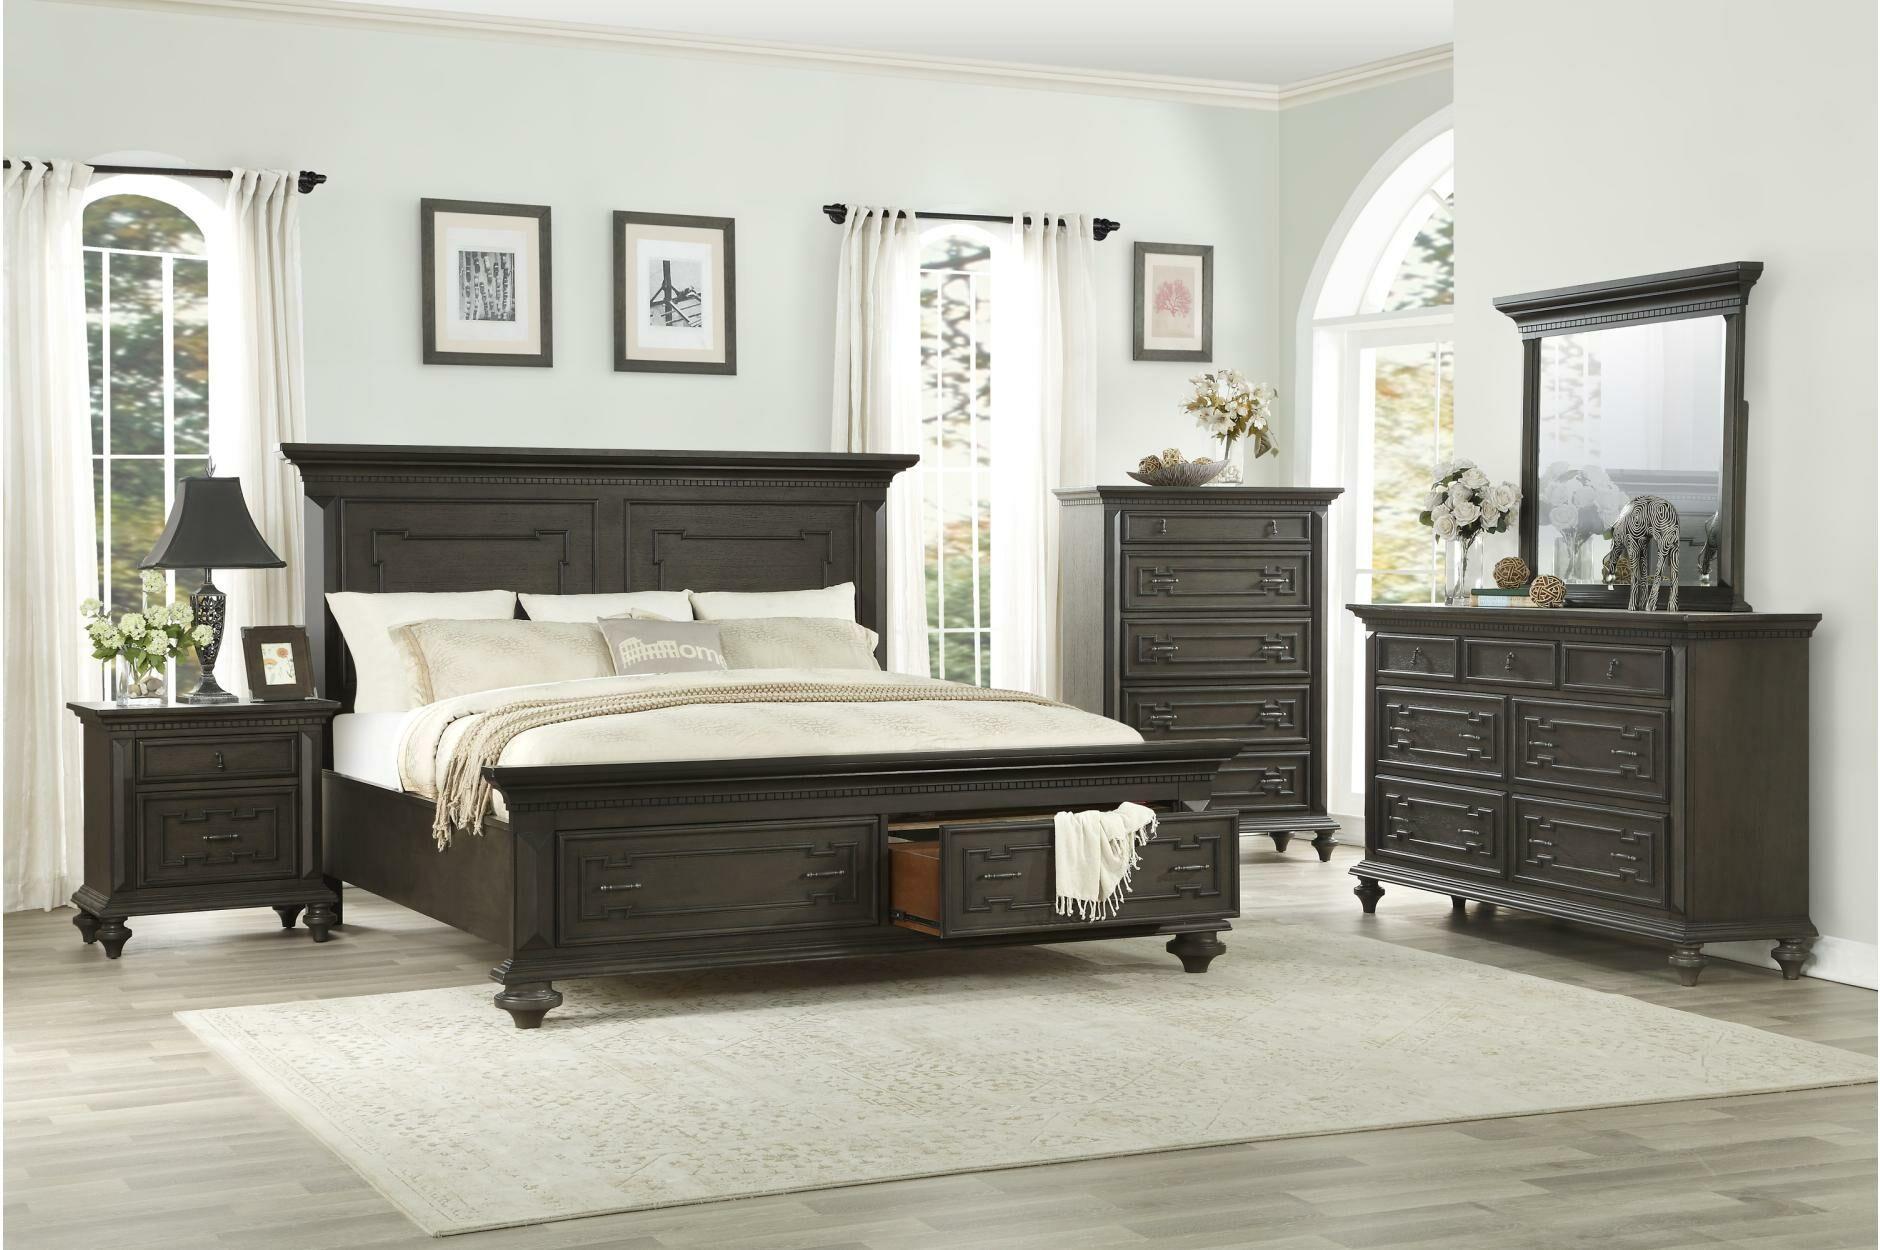 Hednesford Queen Panel Configurable Bedroom Set